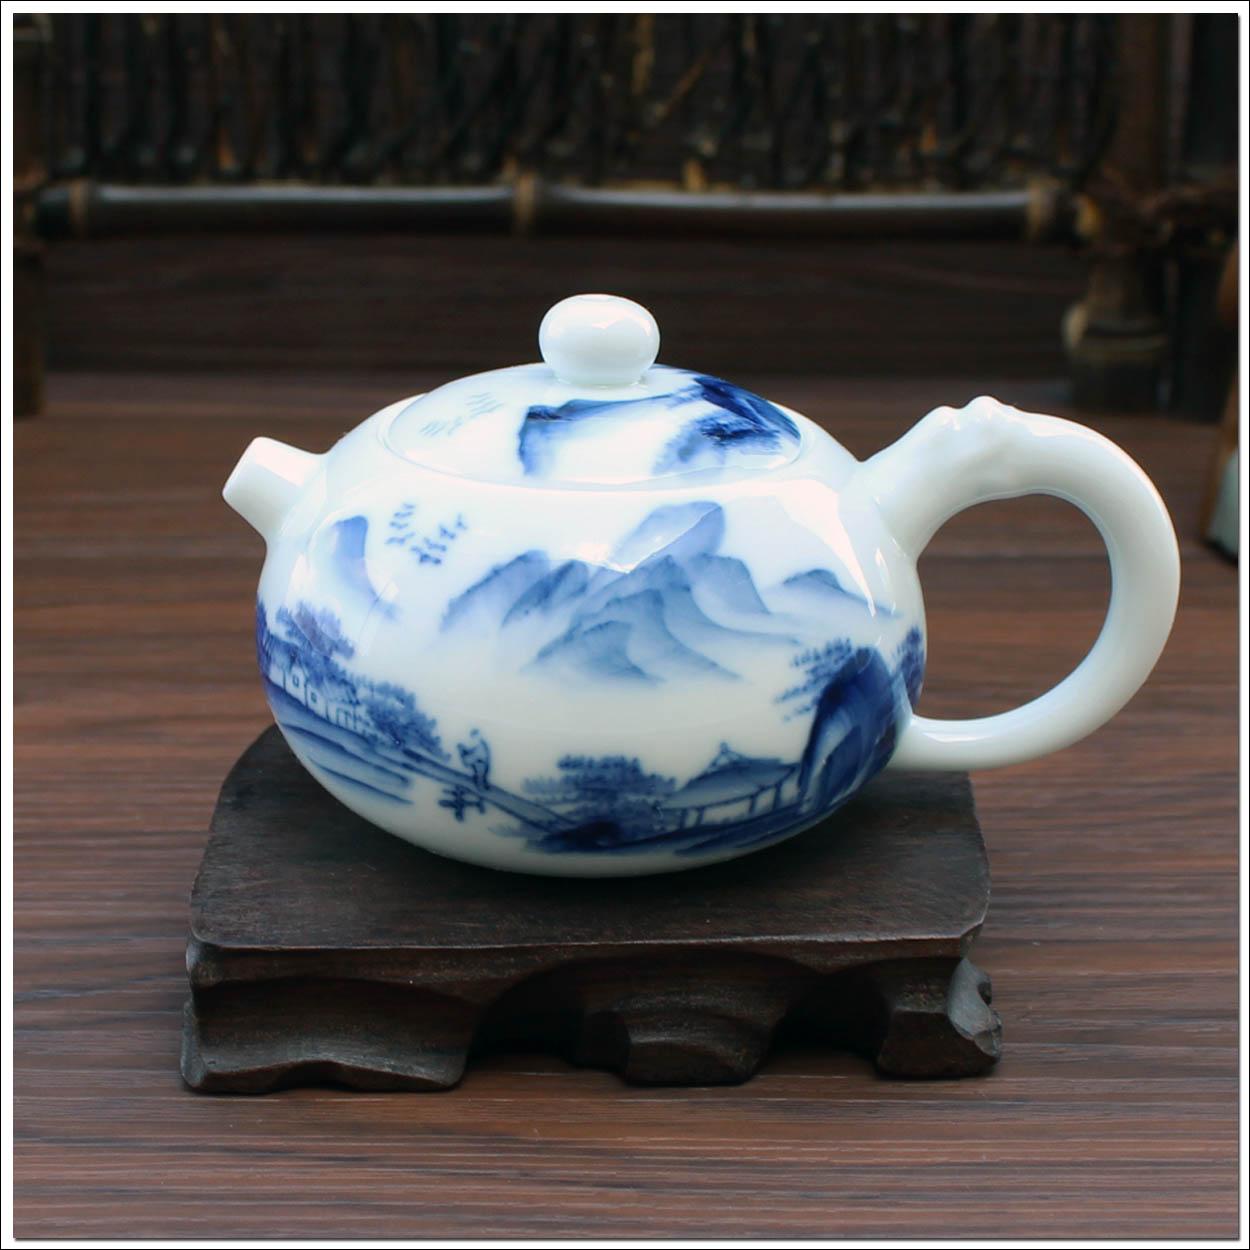 景德镇手绘青花瓷茶具 陶瓷茶壶单壶 功夫茶道 西施壶 山水 免邮商品